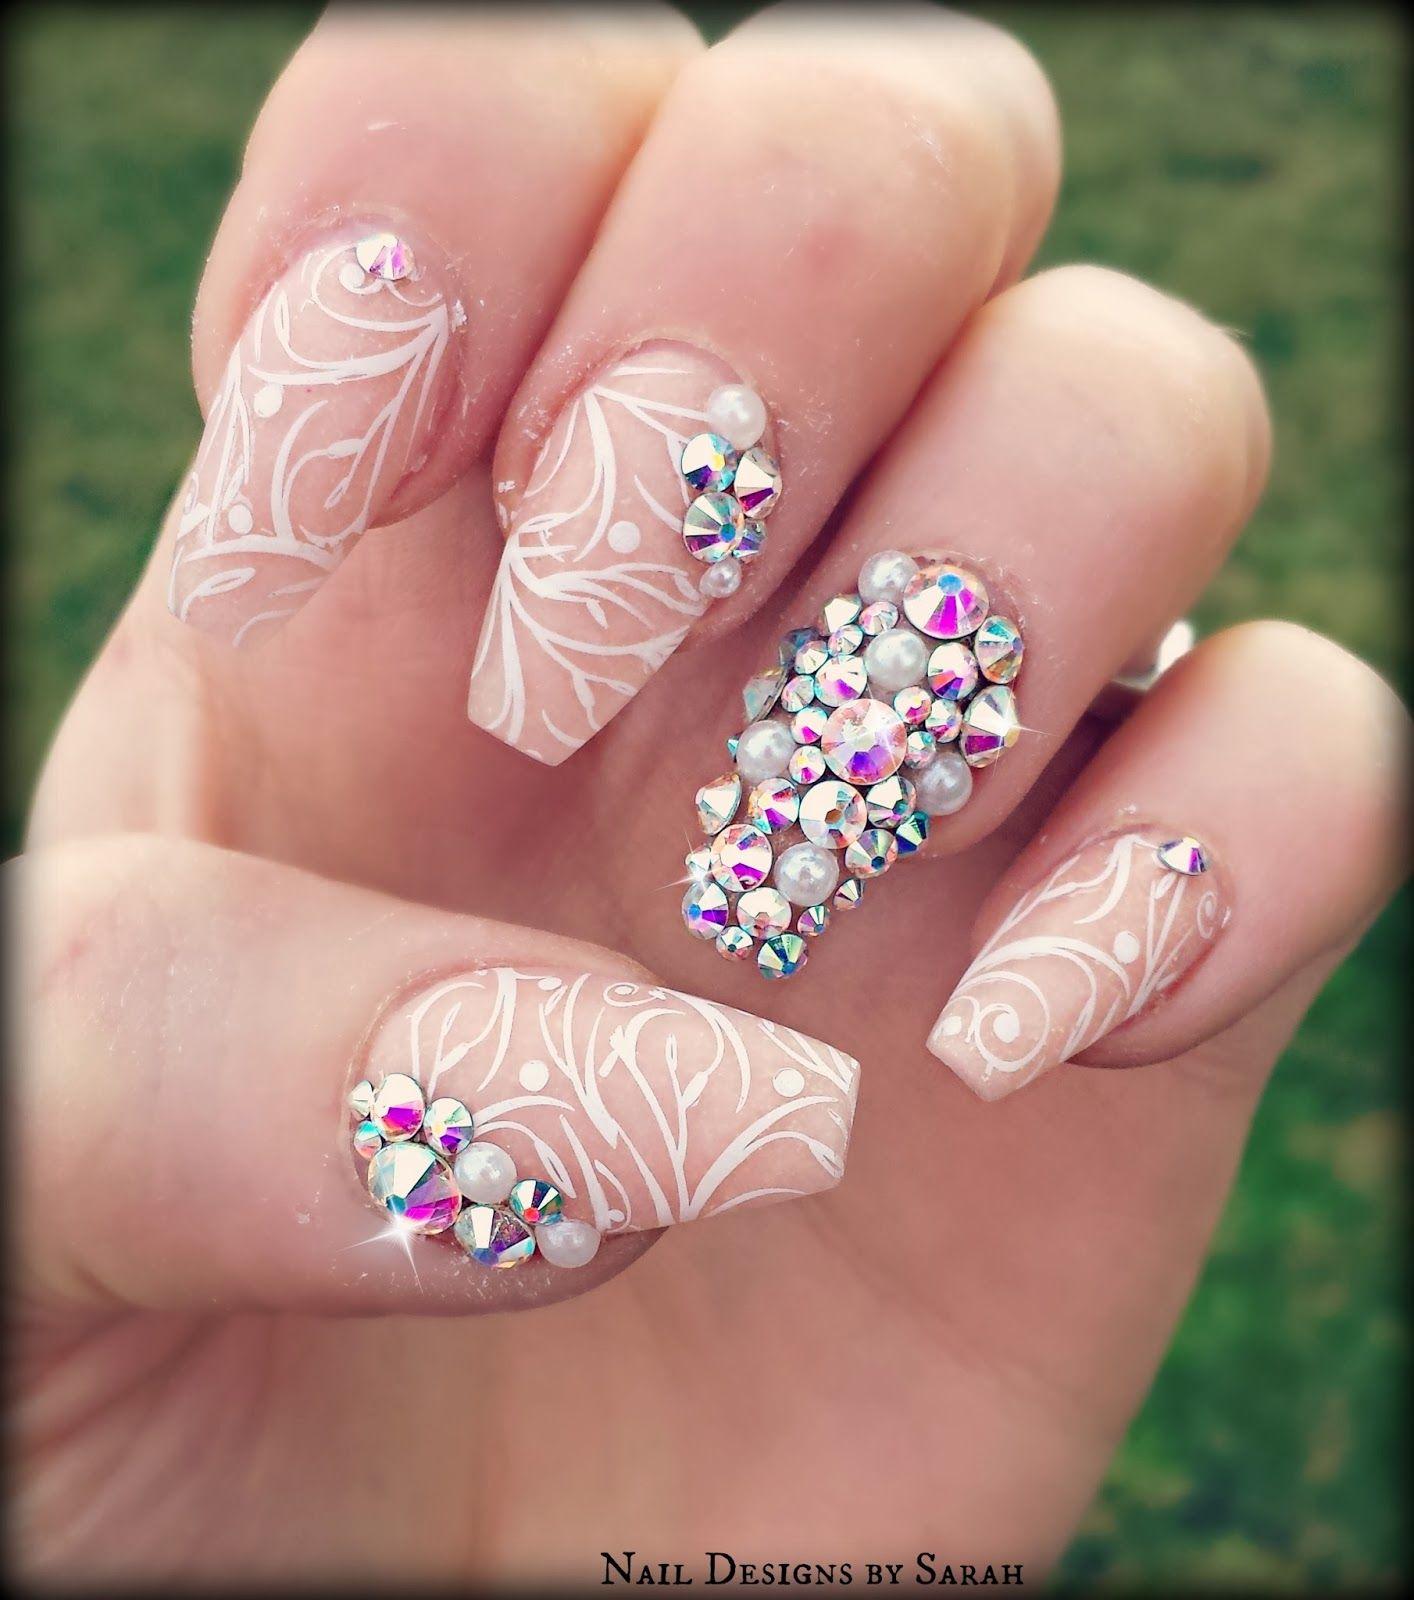 Coffin shaped nails google search nail designs pinterest nail nail prom nails and makeup - Nail art nude ...